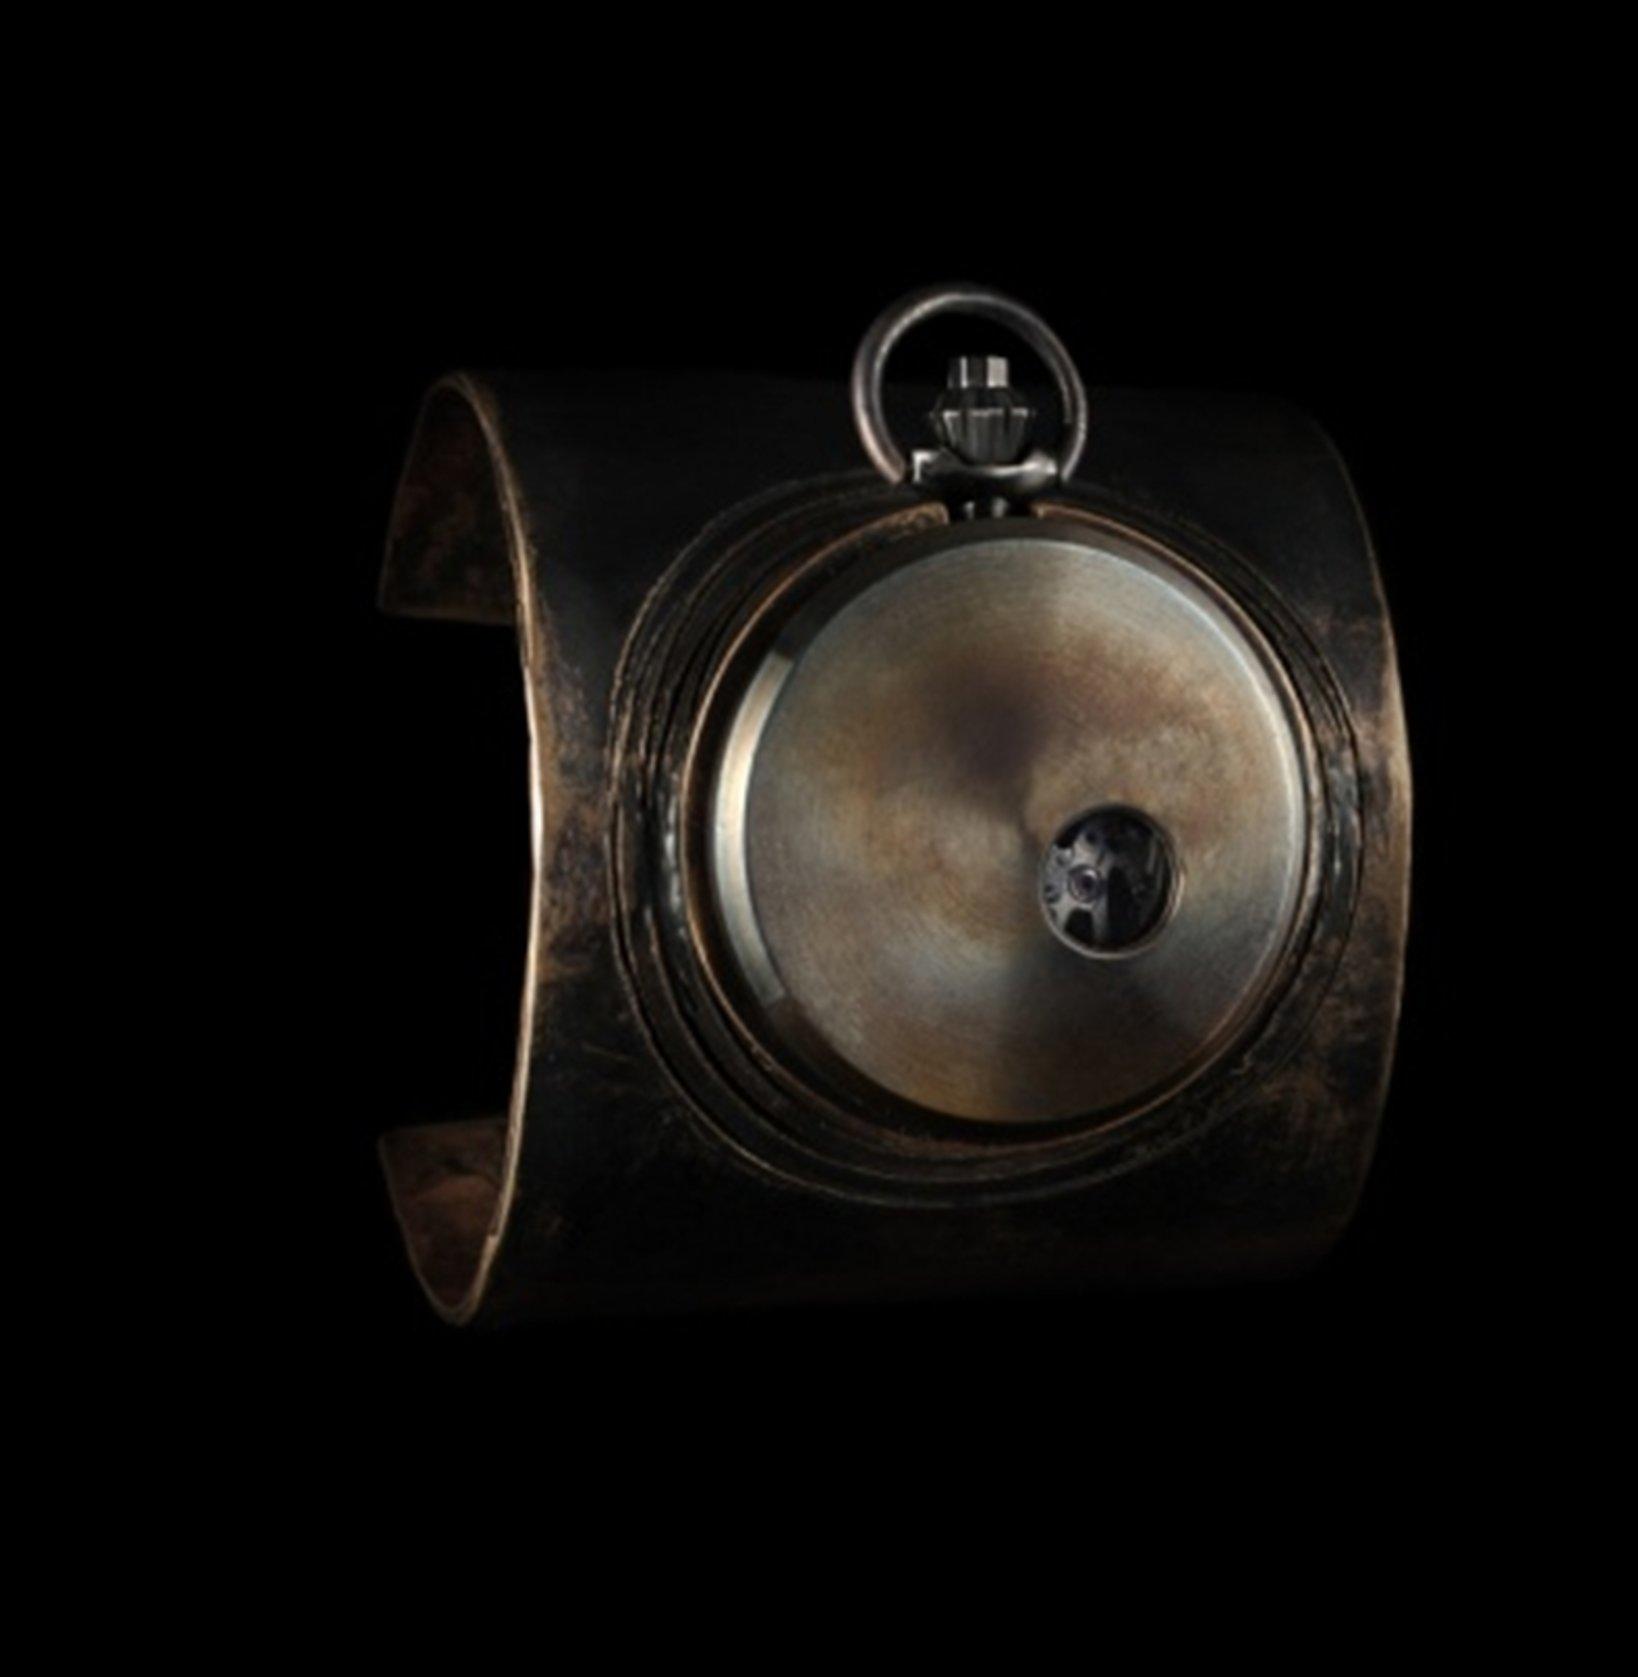 Bronze HEX Cuff/R-40 HEX T vintage bronze cuff with vintage poket watch 40mm 170,000円+税